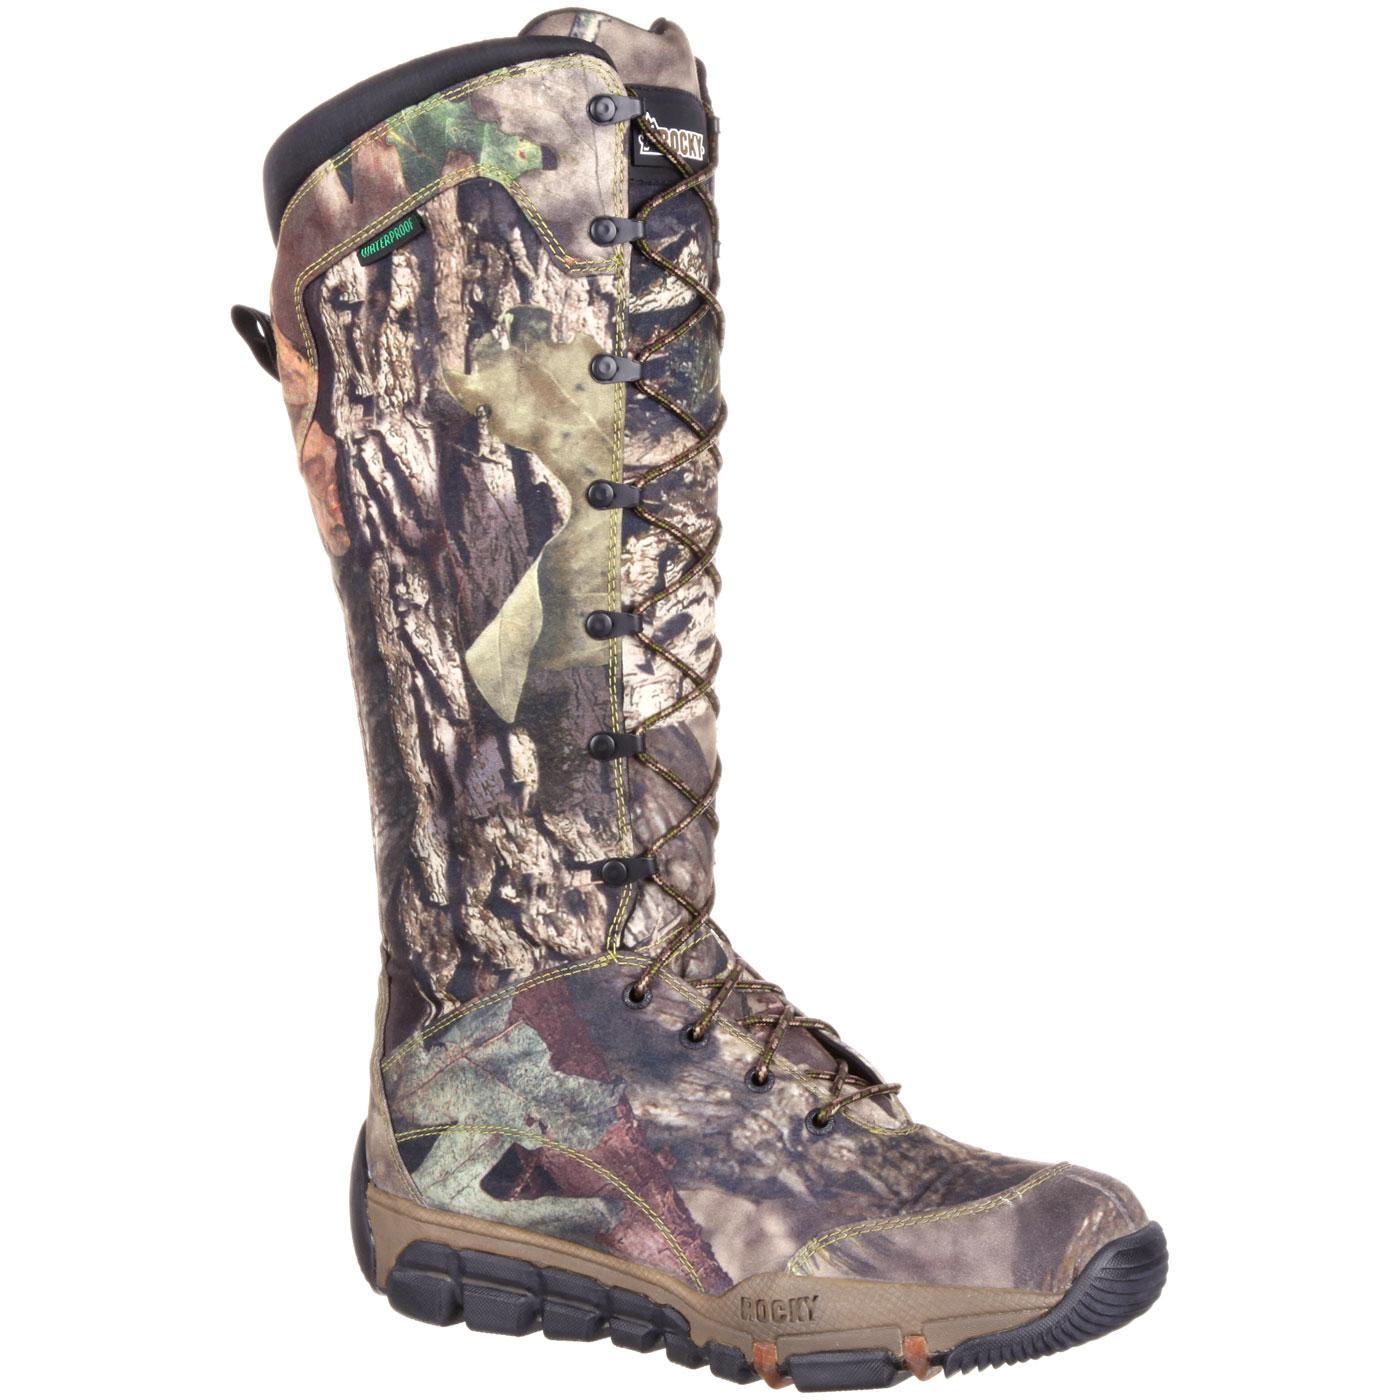 Rocky Gameseeker Waterproof Camouflage Snake Boot Style